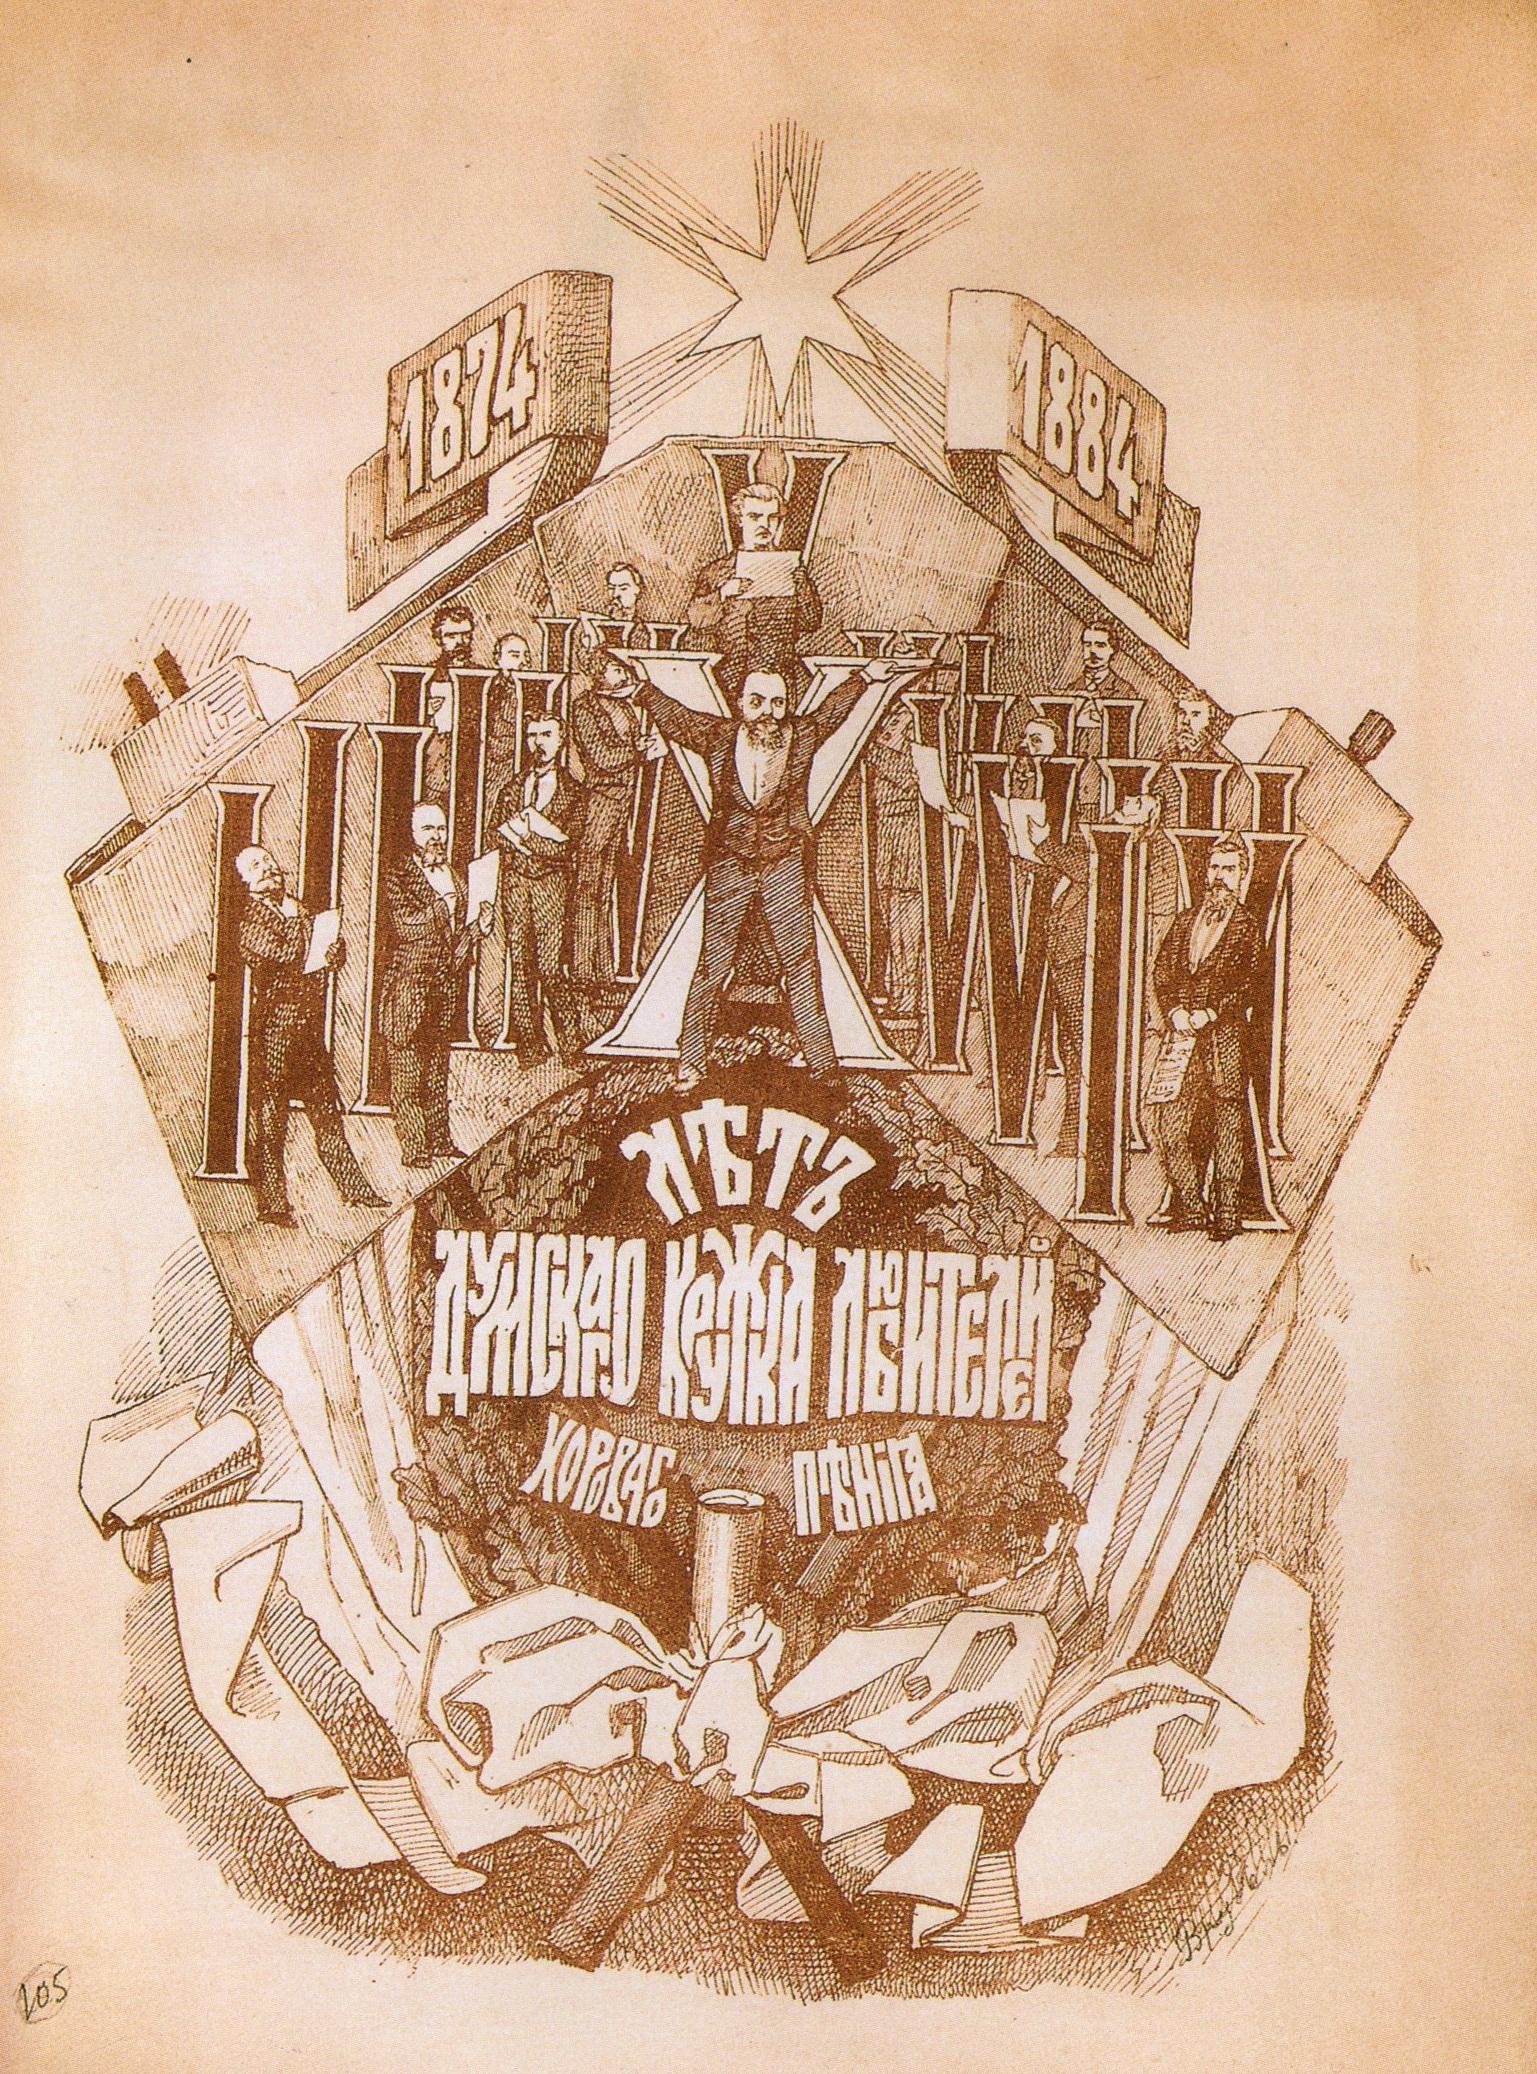 Михаил Врубель. Юбилейный лист X лет Думского кружка хорового пения 1874-1884